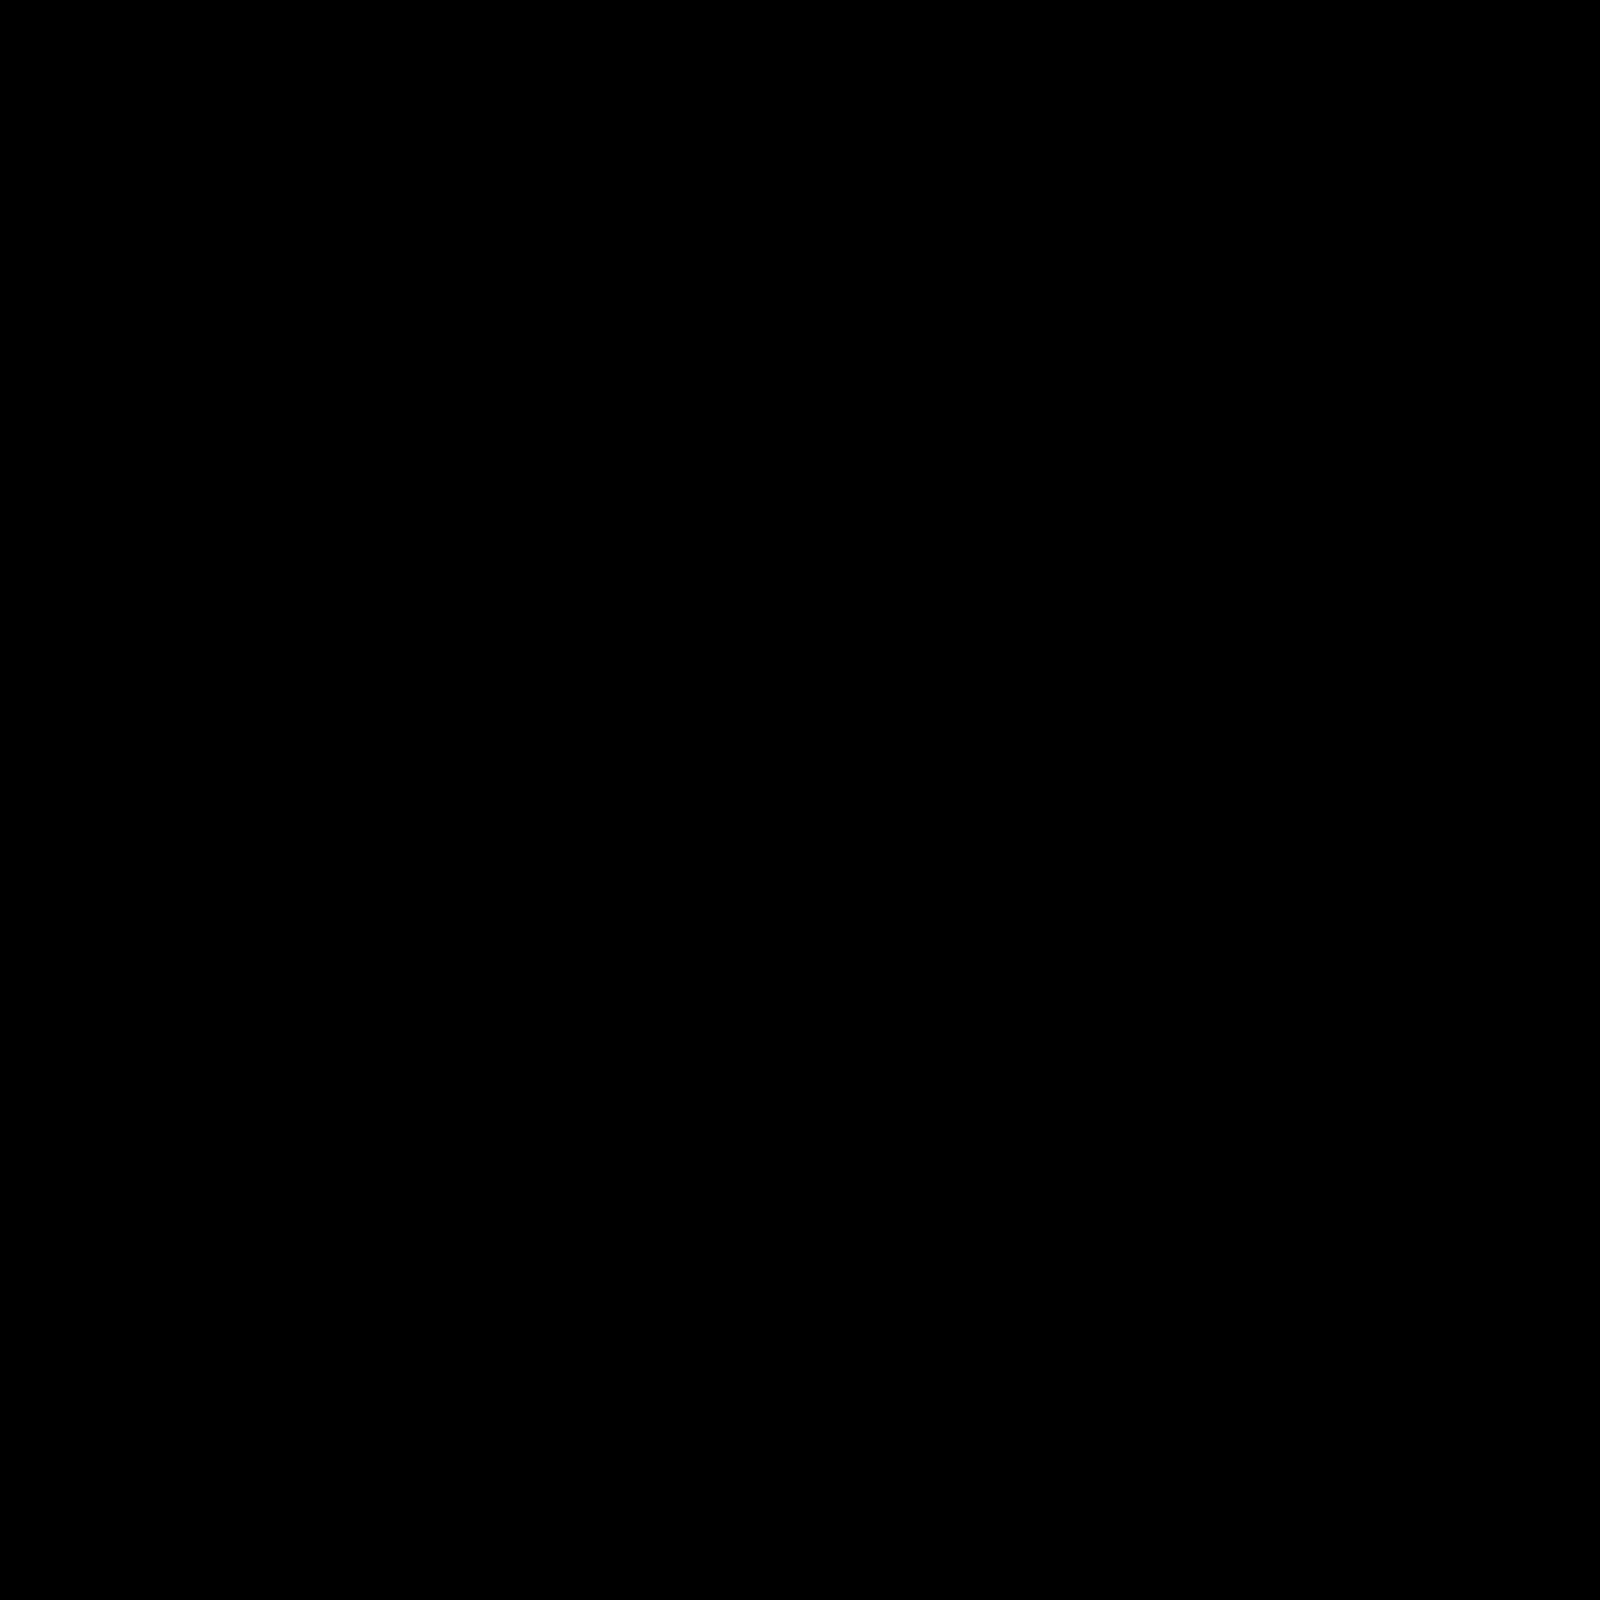 Ballroom Dance icon